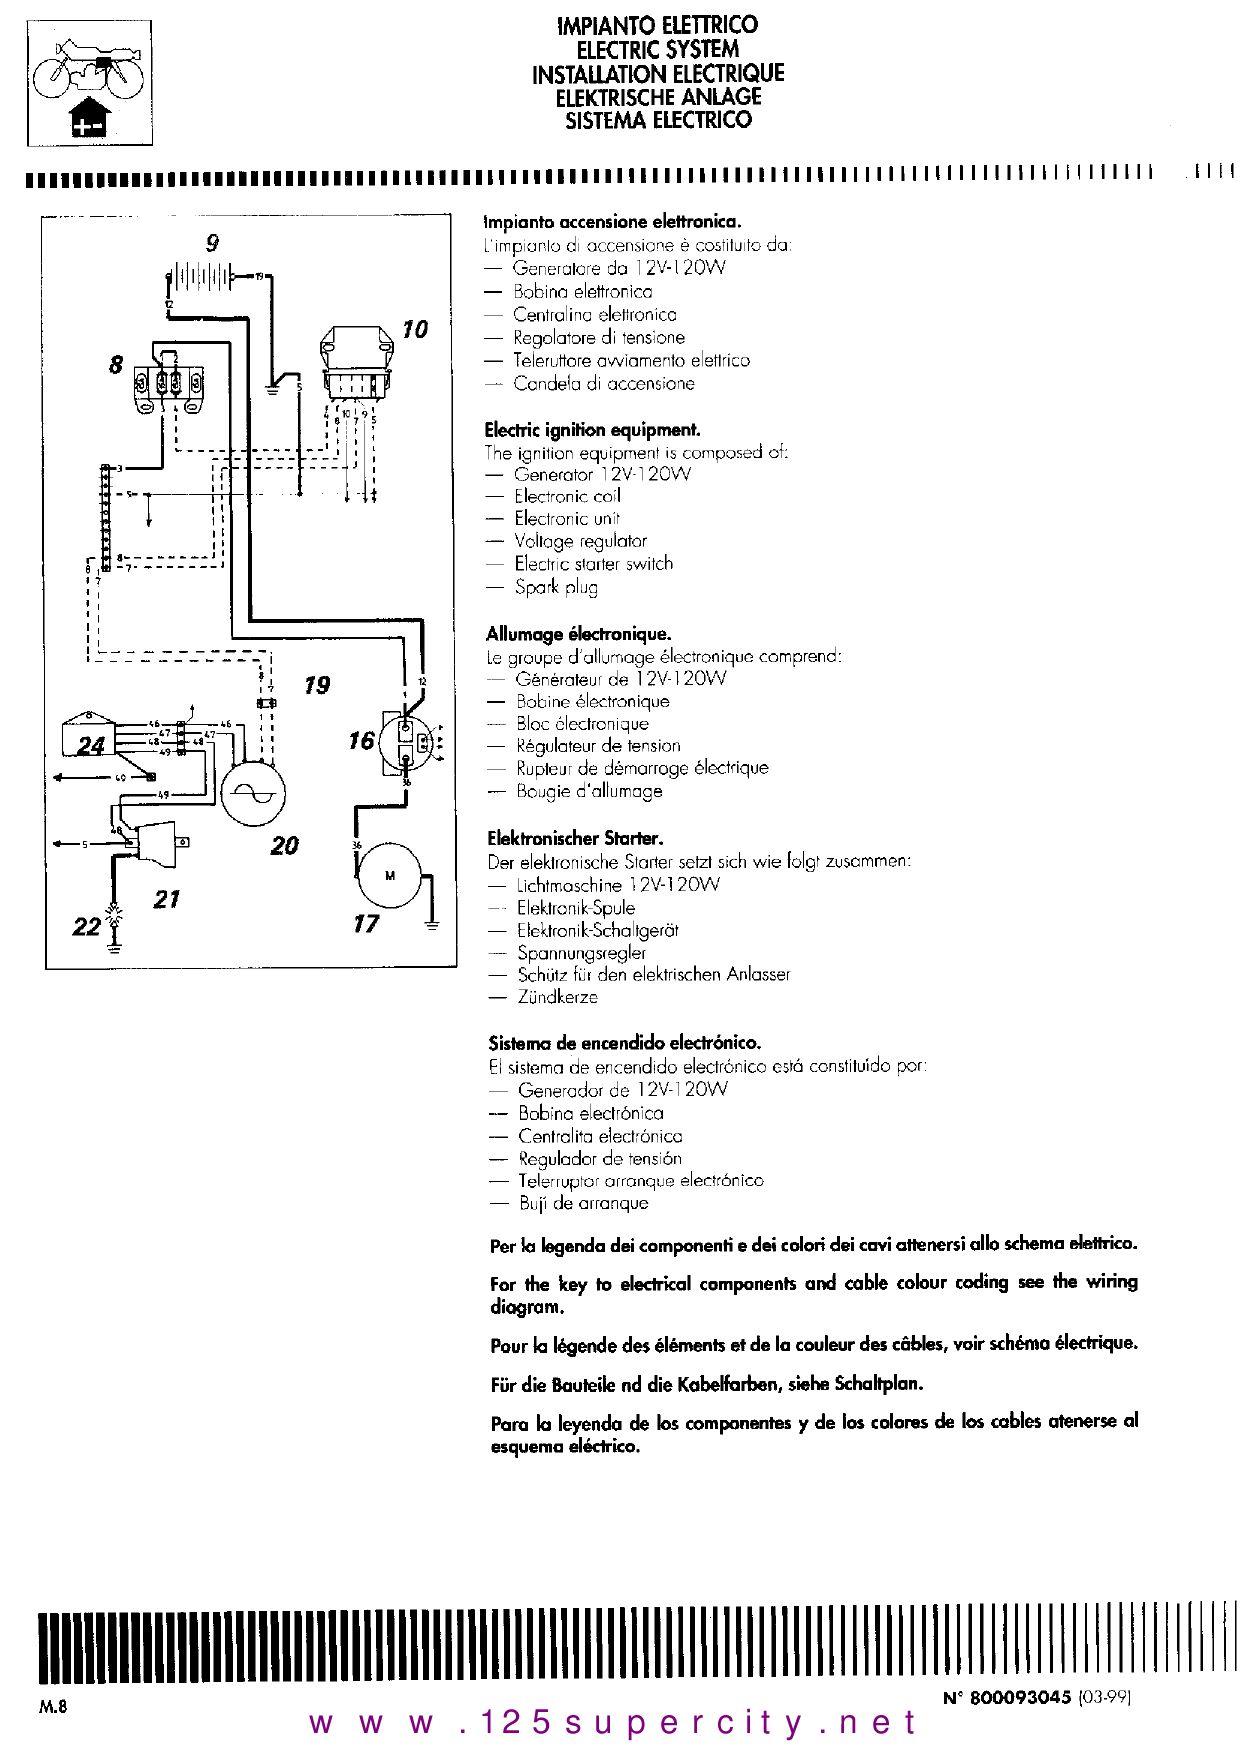 Großartig Elektrische Kabelfarben Bilder - Der Schaltplan - greigo.com